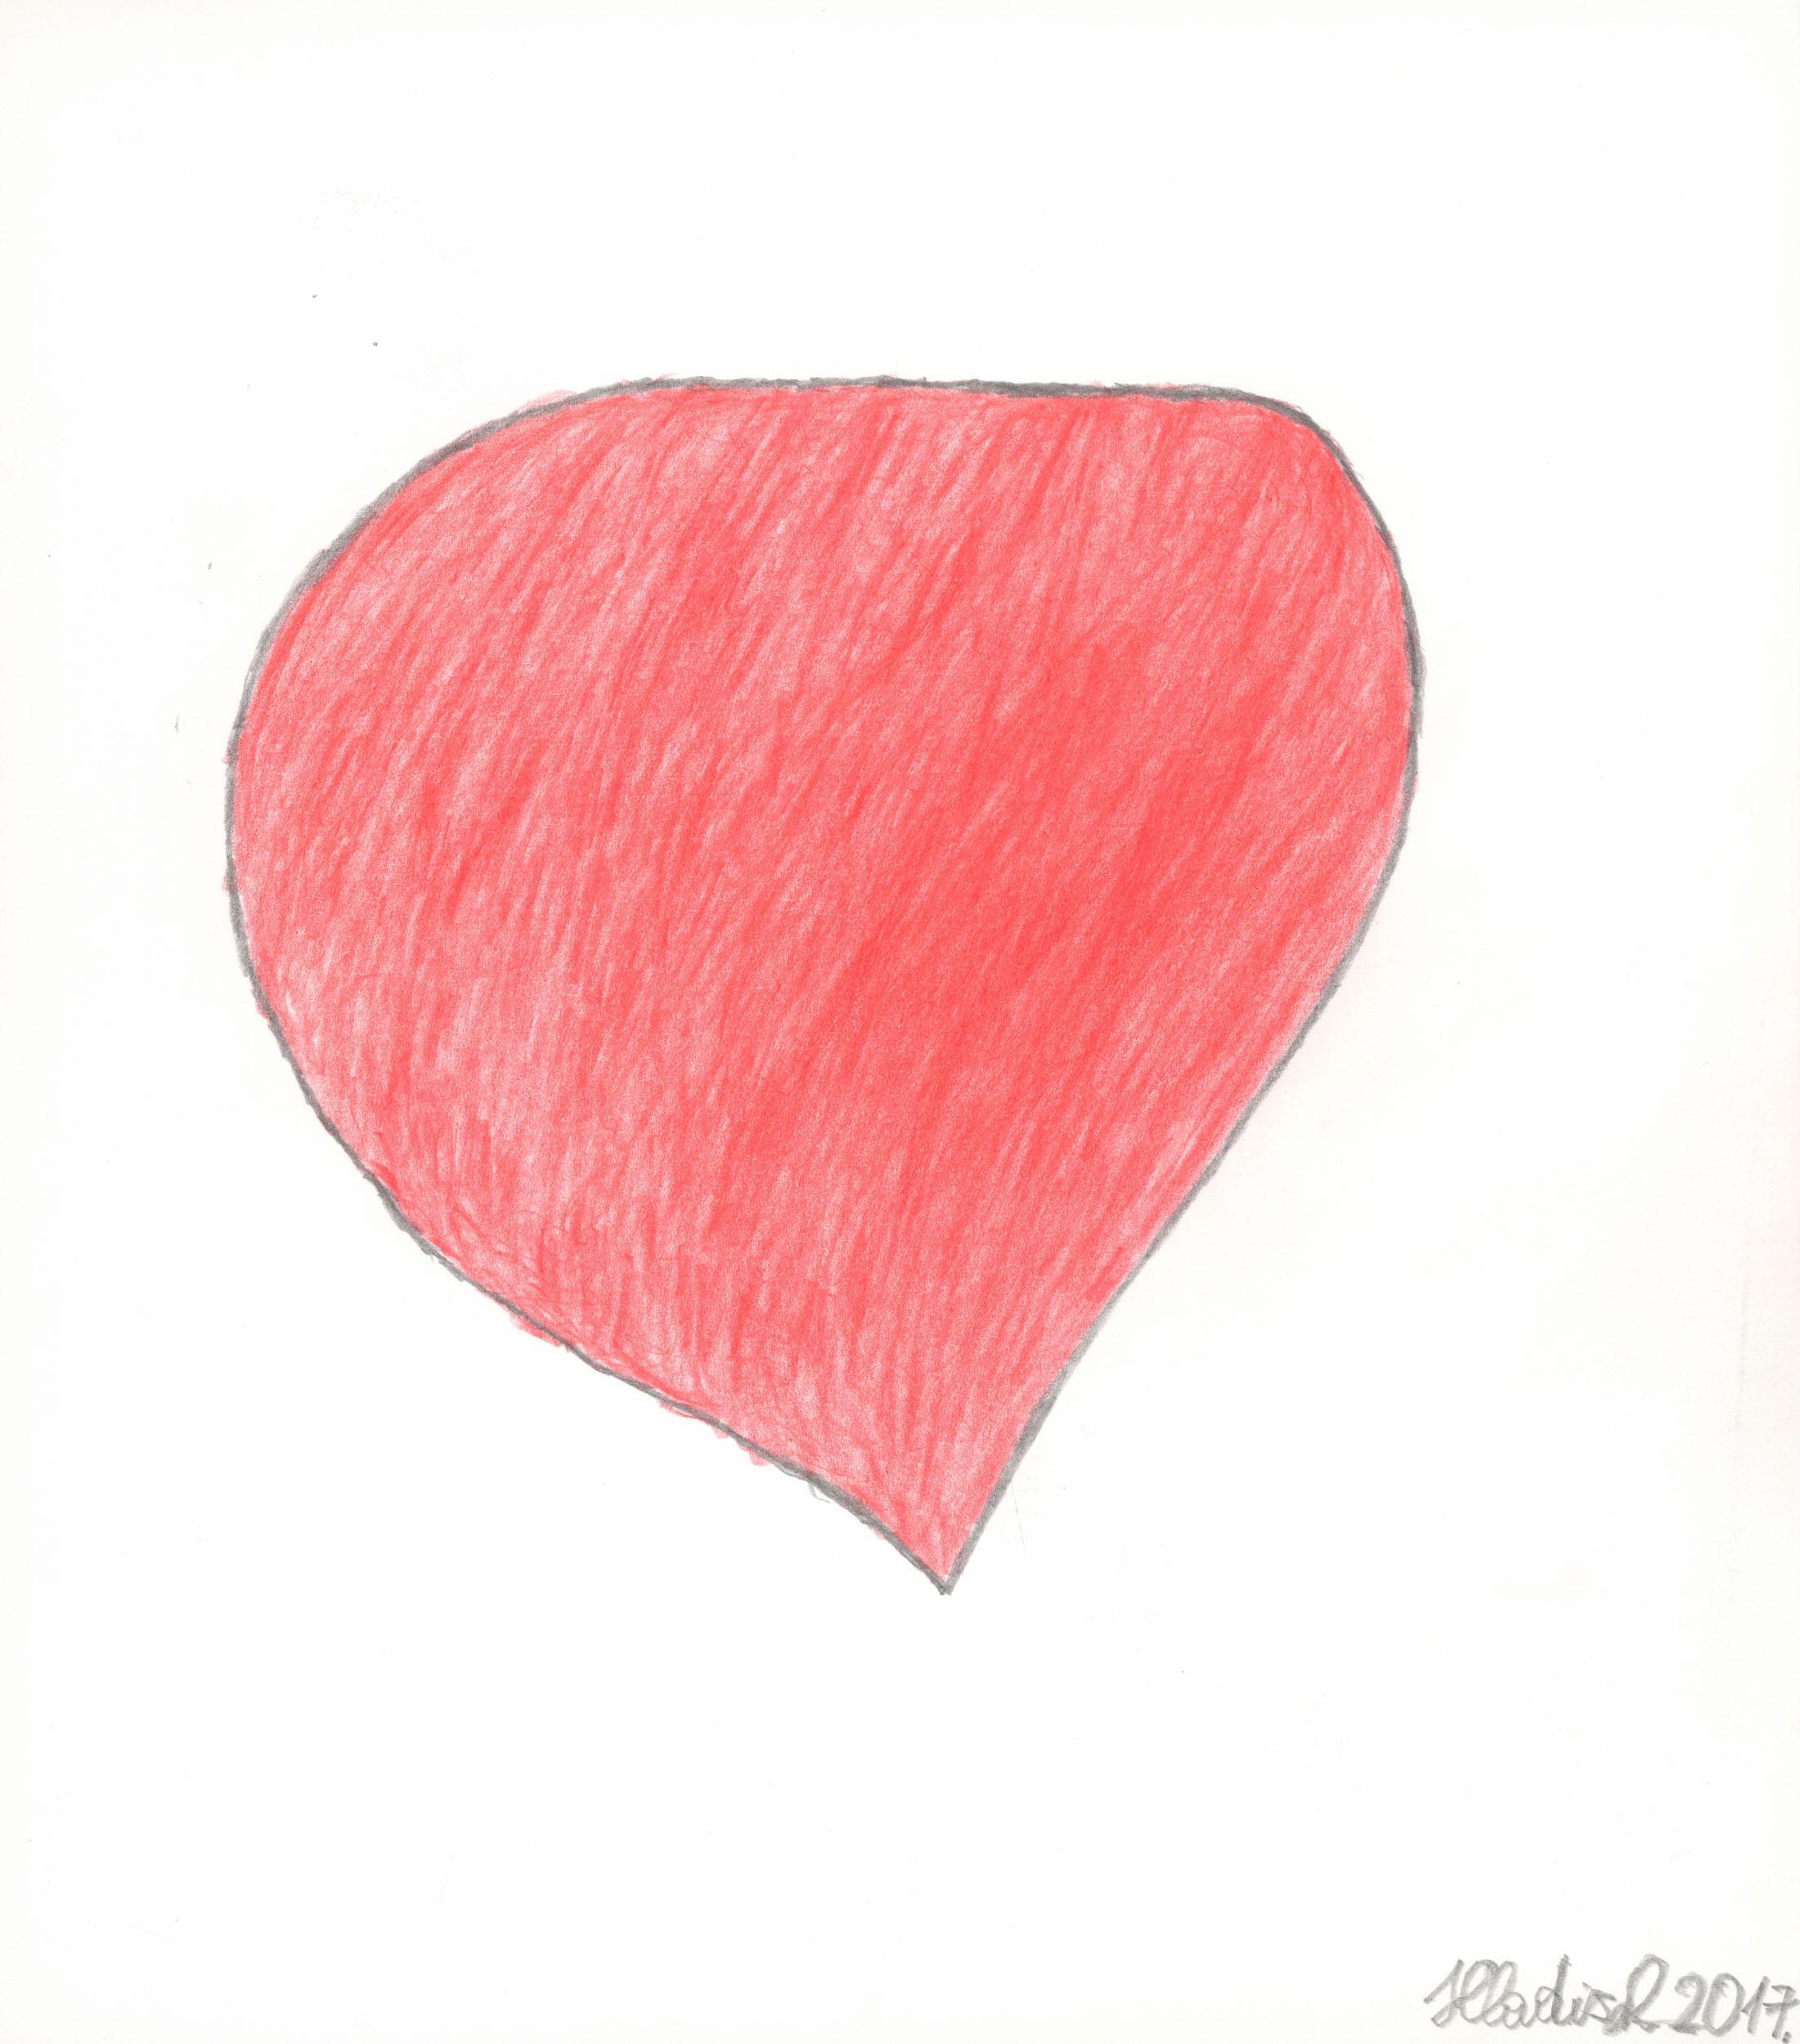 hladisch helmut - Heart / Herz